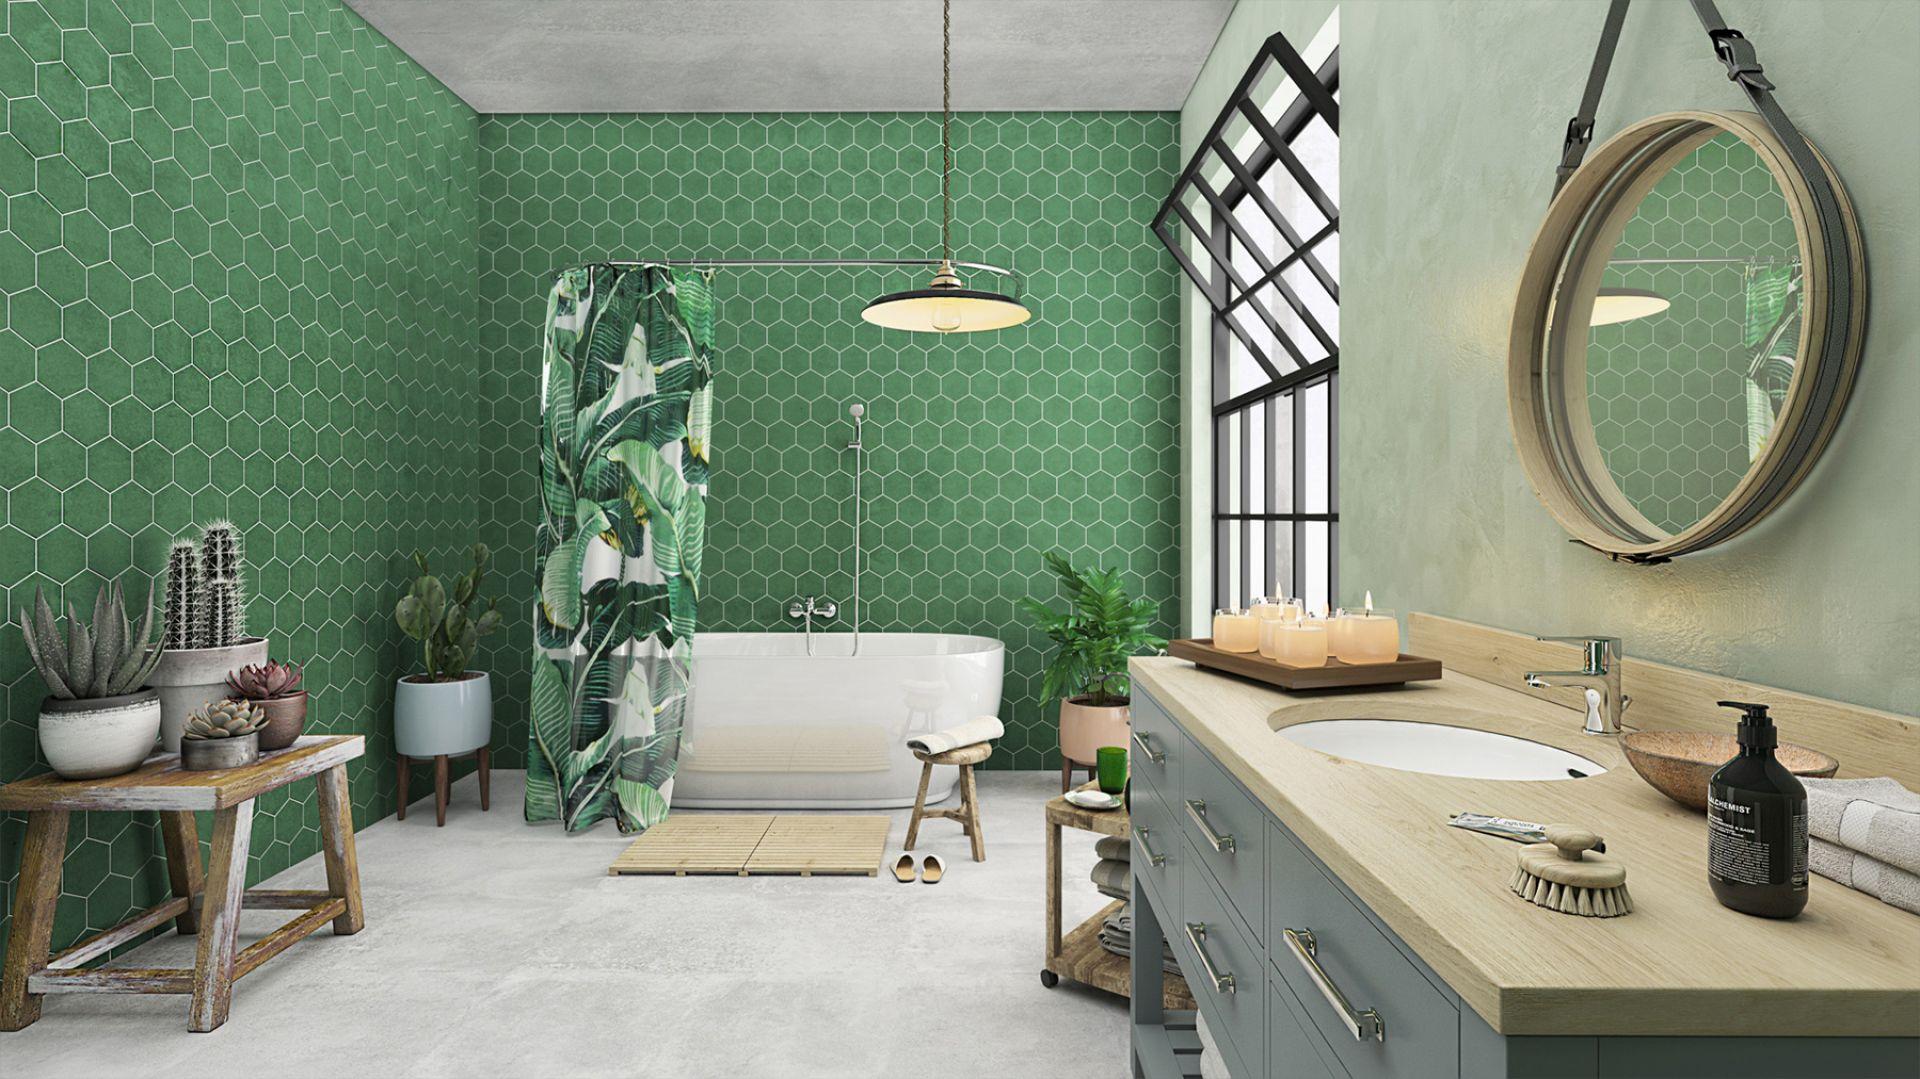 Aranżacja łazienki w stylu urban jungle. Na zdj. bateria umywalkowa stojąca Savio, bateria wannowa ścienna Savio. Fot. Ferro